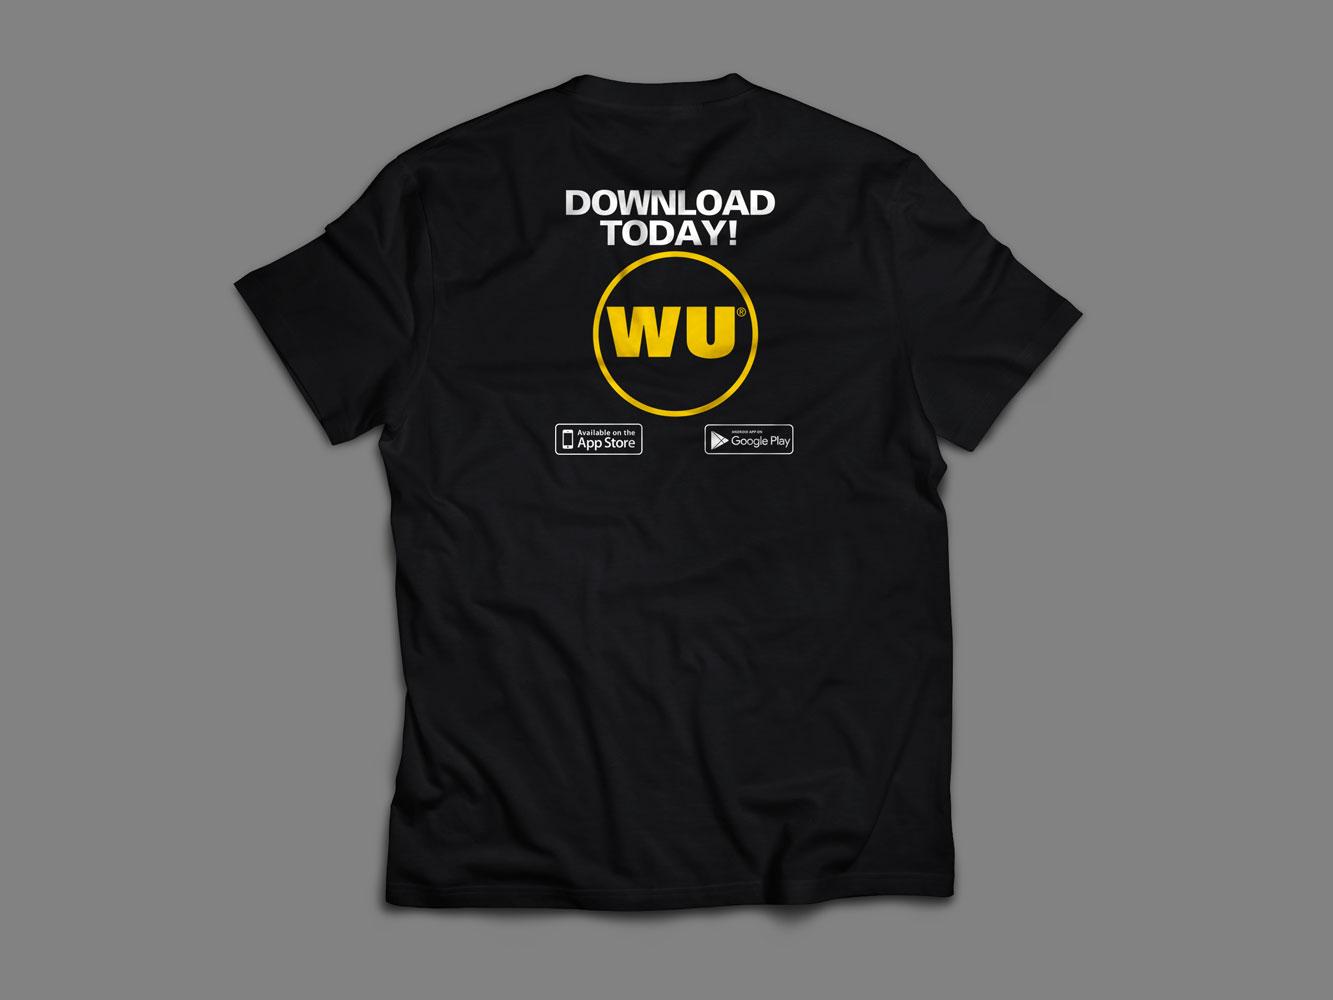 wu-app_t-shirt-mockup_back